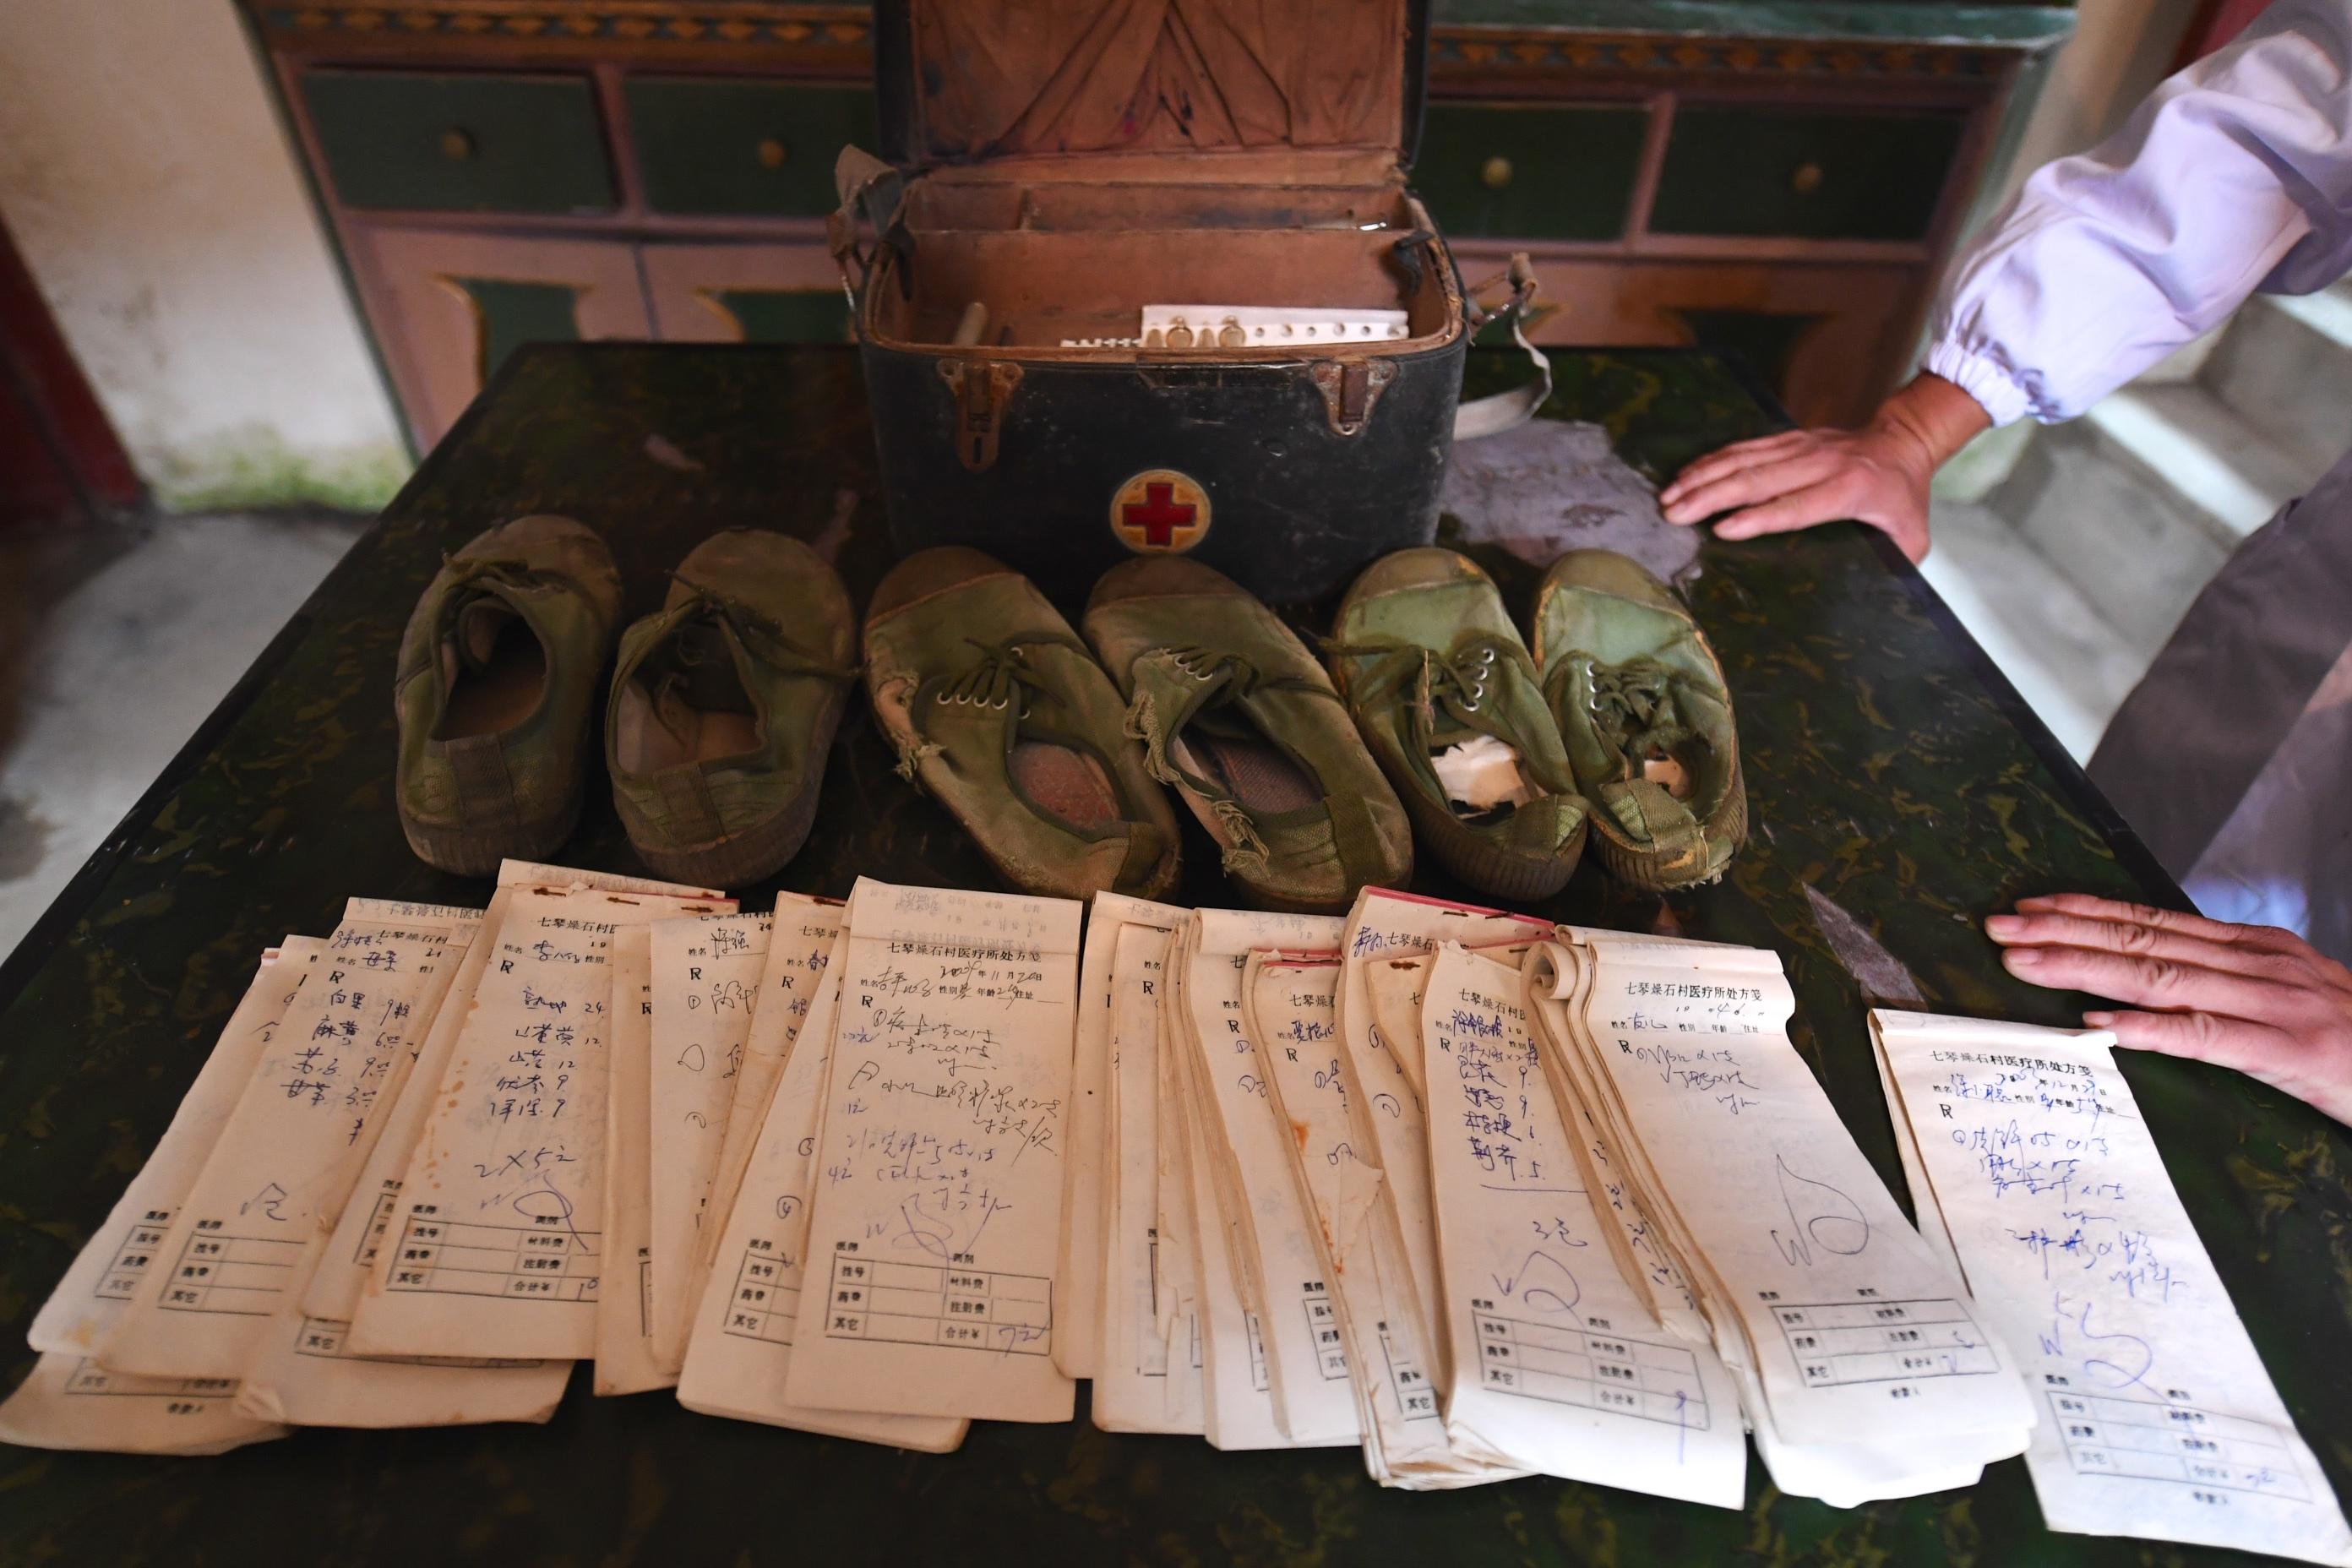 李勤如曾穿坏的解放鞋和出诊的部分单据(11月1日摄)。新华社记者 胡晨欢 摄